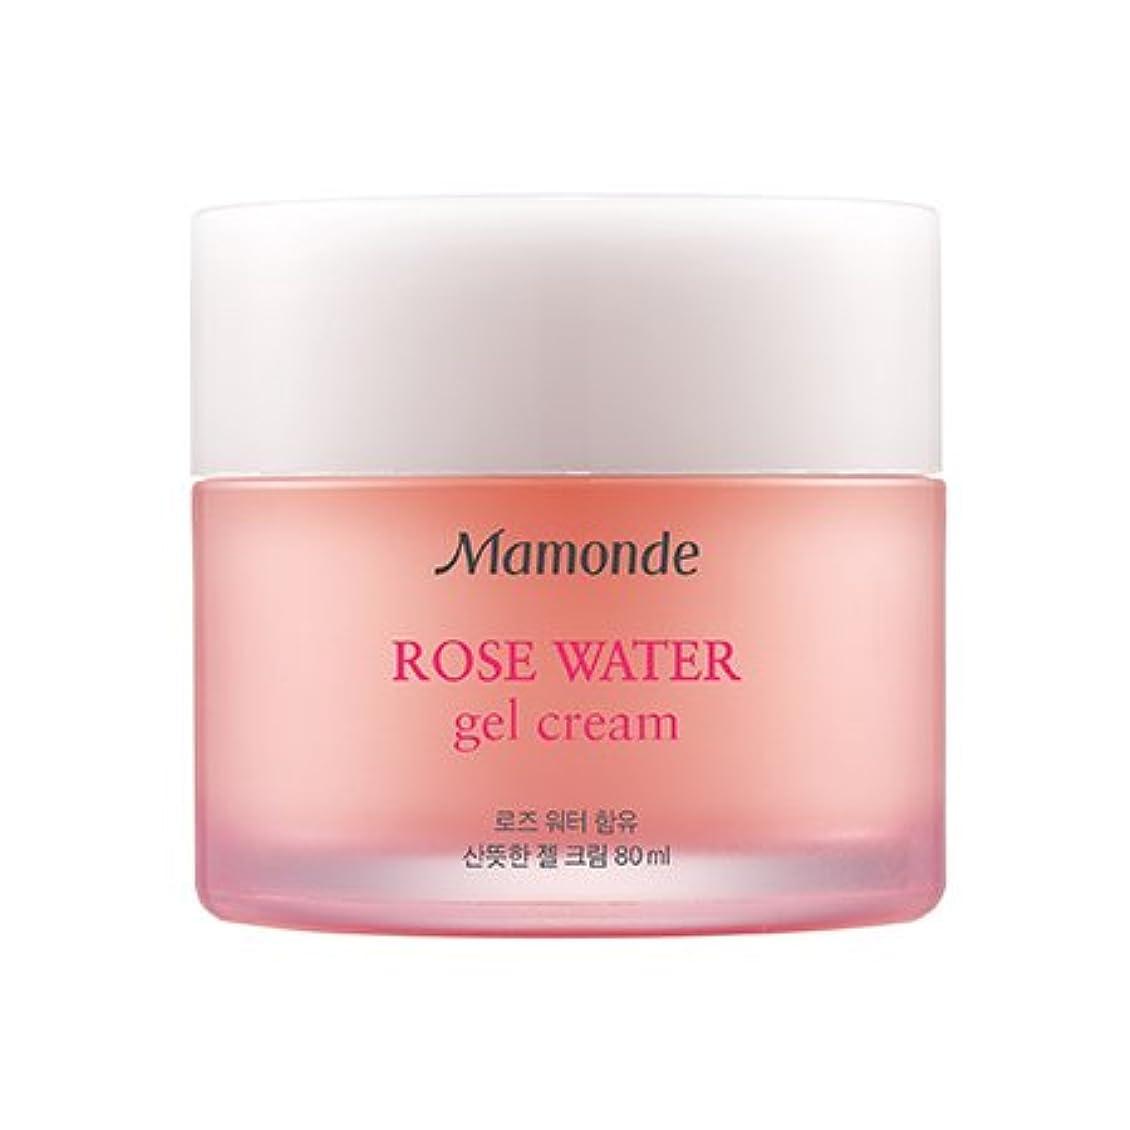 塗抹アプトくるみMamonde Rose Water Gel Cream 80ml/マモンド ローズ ウォーター ジェル クリーム 80ml [並行輸入品]